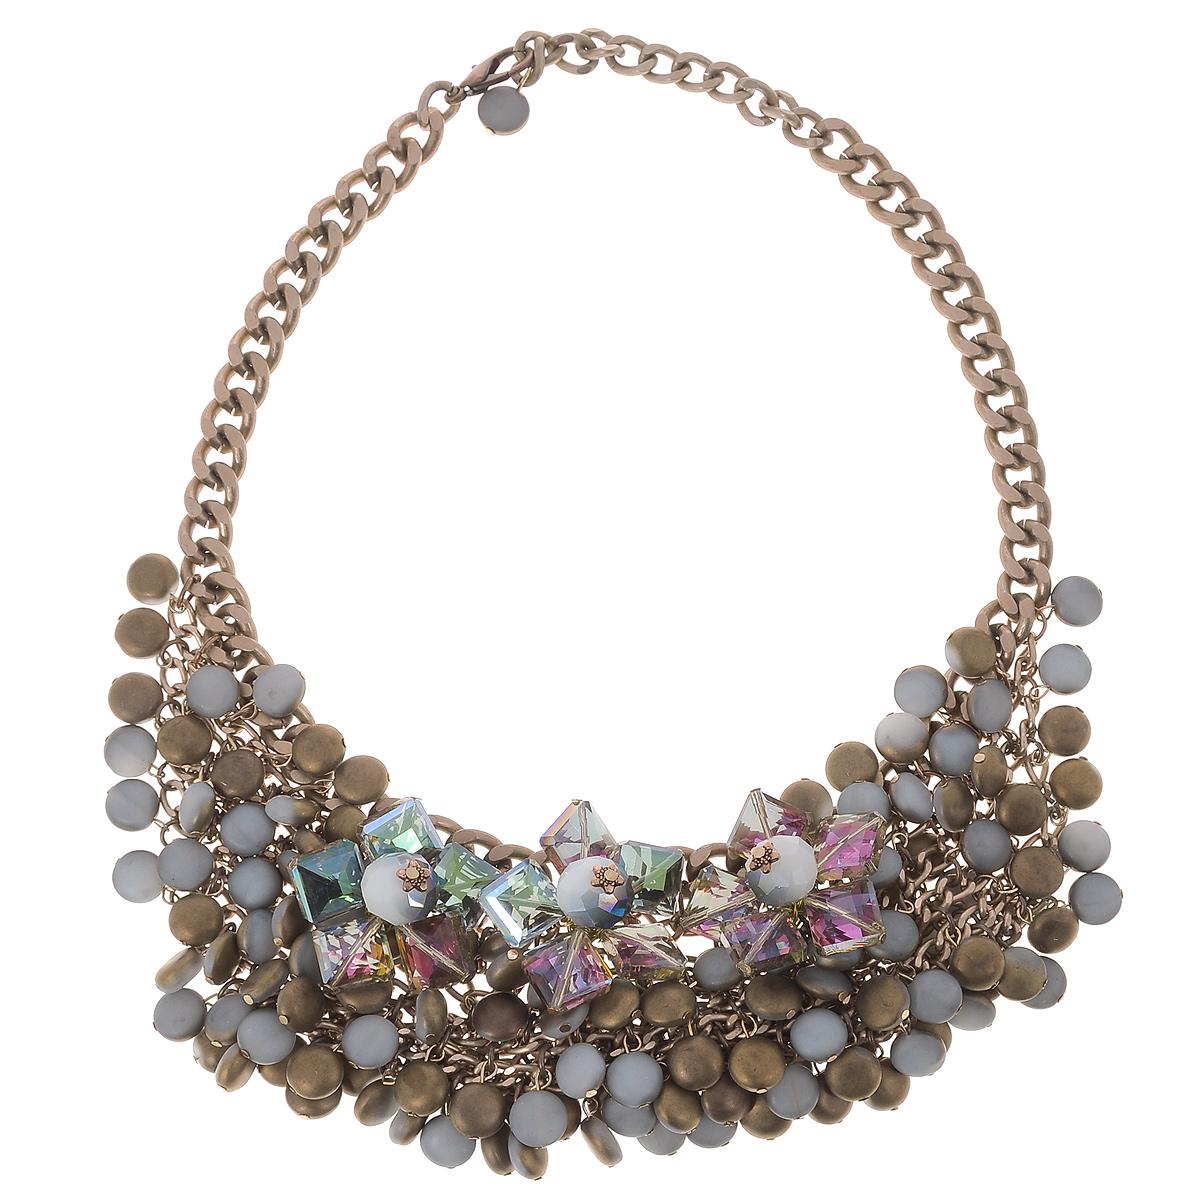 картинки бижутерии ожерелья далее, как восстановить